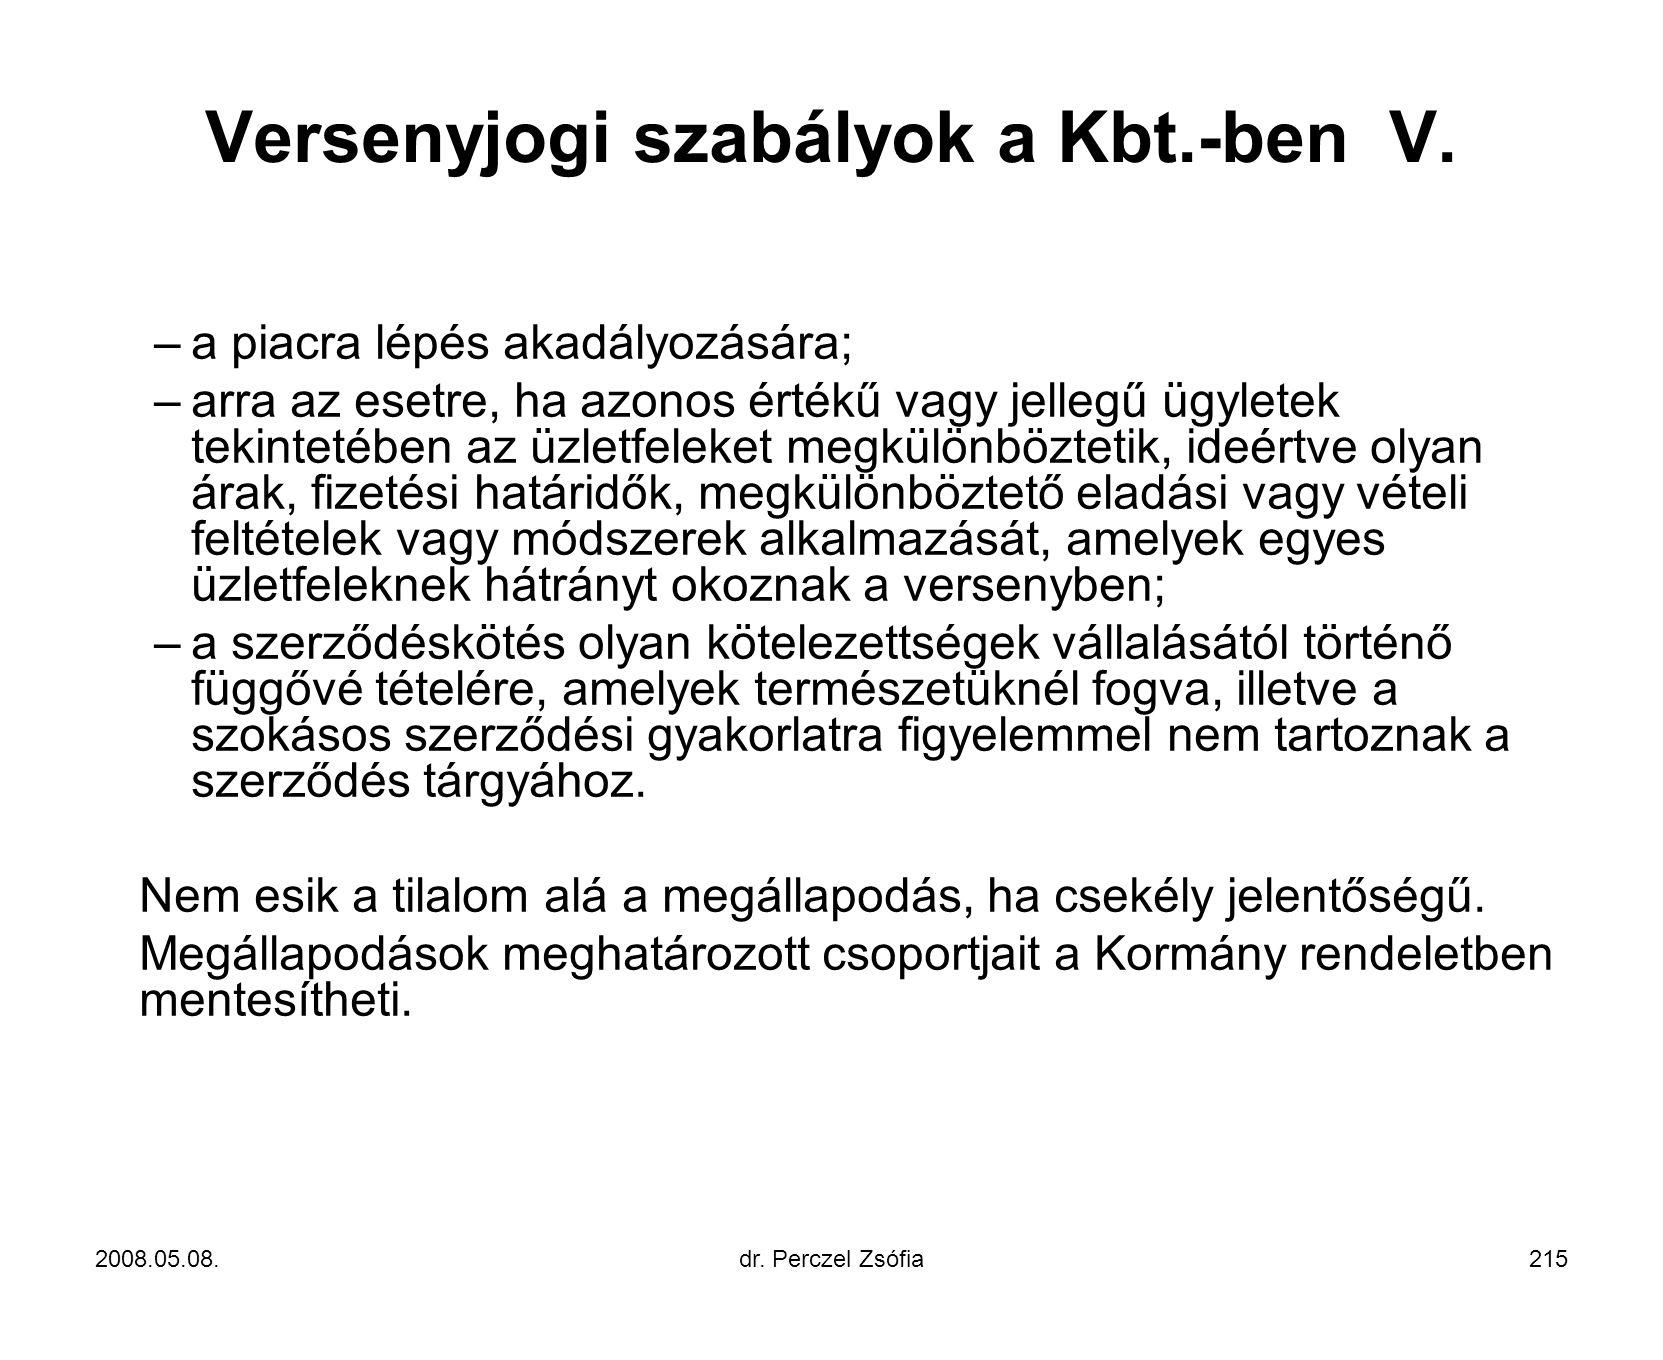 Versenyjogi szabályok a Kbt.-ben V.